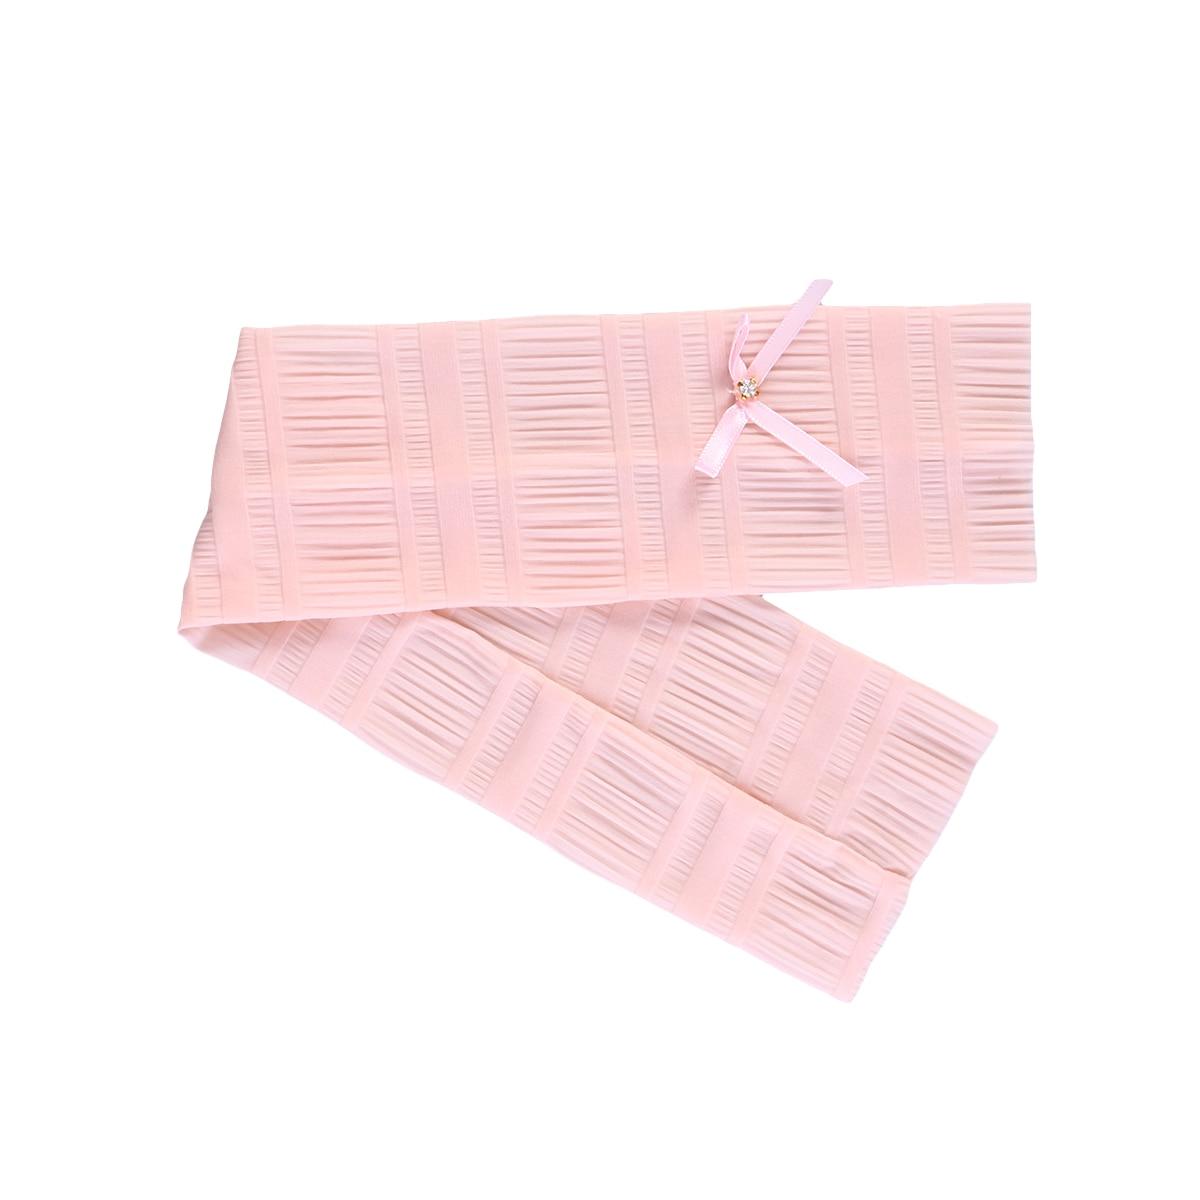 1 Paar Spitze Diamant Casual Atmungsaktive Stretchy Sport Arm Abdeckung Hülse Ellenbogen Protector Für Sonnenschutz (licht Rosa) Fein Verarbeitet